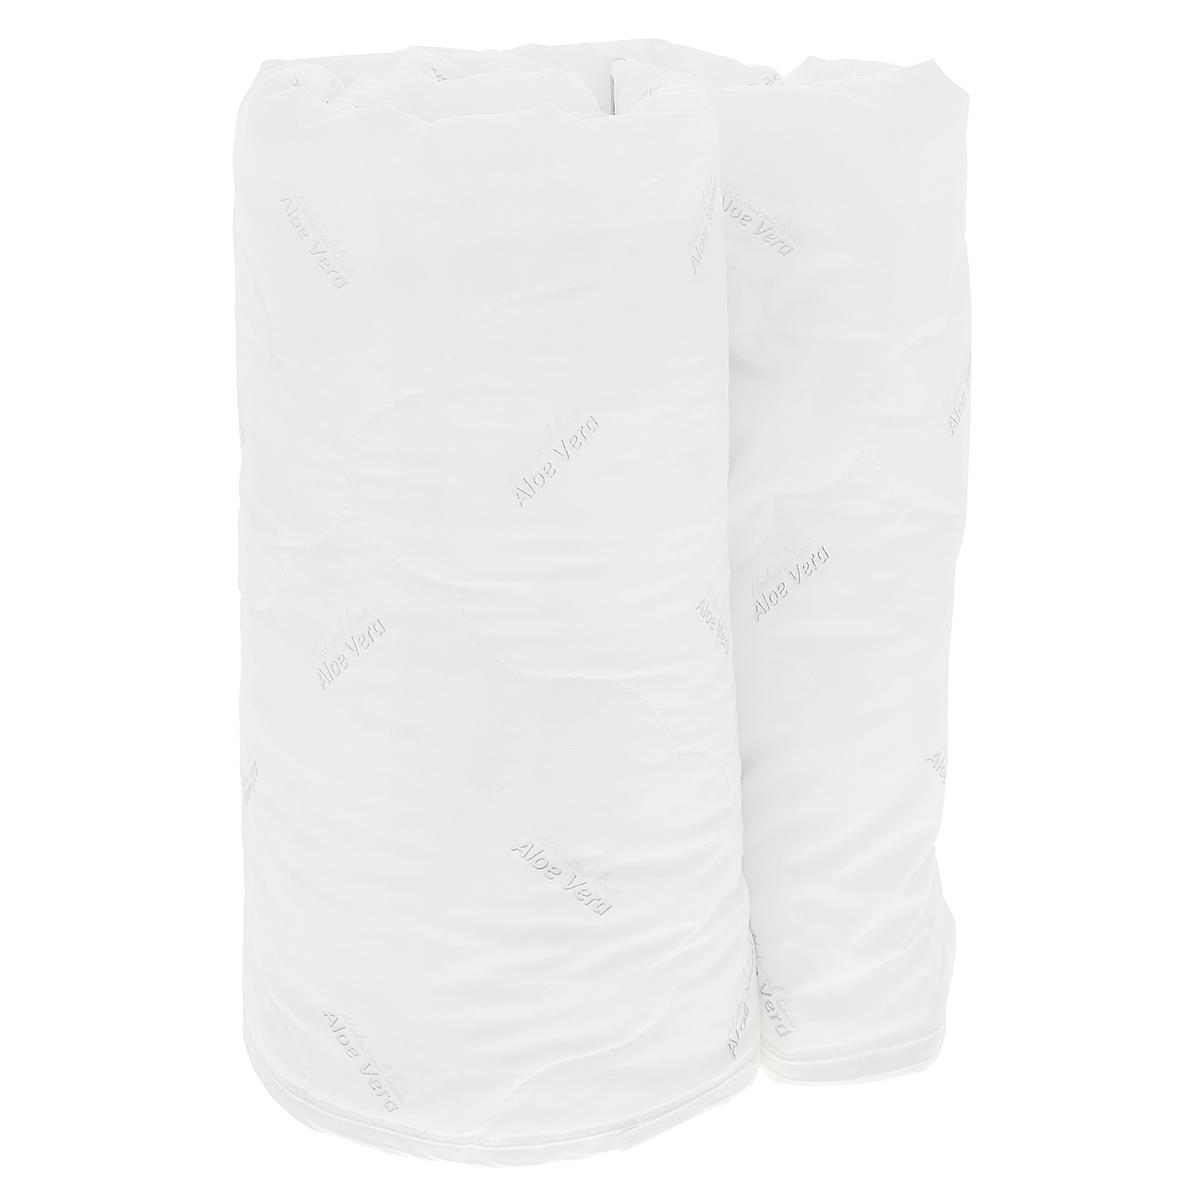 Одеяло Verossa AloeVera, наполнитель: полиэстеровое волокно, 140 см х 205 см158082Легкое одеяло Verossa AloeVera подарит комфортный сон вам и вашей семье. Чехол изготовлен из смесовой ткани с обработкой Aloe Vera, наполнитель - 100% полиэстеровое волокно. Aloe Vera - специальный биологический компонент, стимулирующий защитные силы организма. Алоэ вера обладает общеукрепляющим действием, содержит полезные для красоты и здоровья витамины и минералы. К тому же это прекрасный антиоксидант, способствует обновлению клеток, увлажняет и питает кожу во время сна. Компонент алое вера не пахнет, устойчив к стиркам и не оказывает вредного влияния на человека. Такое одеяло подойдет тем, кто заботится о красоте даже во время сна. Материал чехла: смесовая ткань с обработкой Aloe Vera. Наполнитель: 100% полиэстеровое волокно. Плотность наполнителя: 150 г/м2.